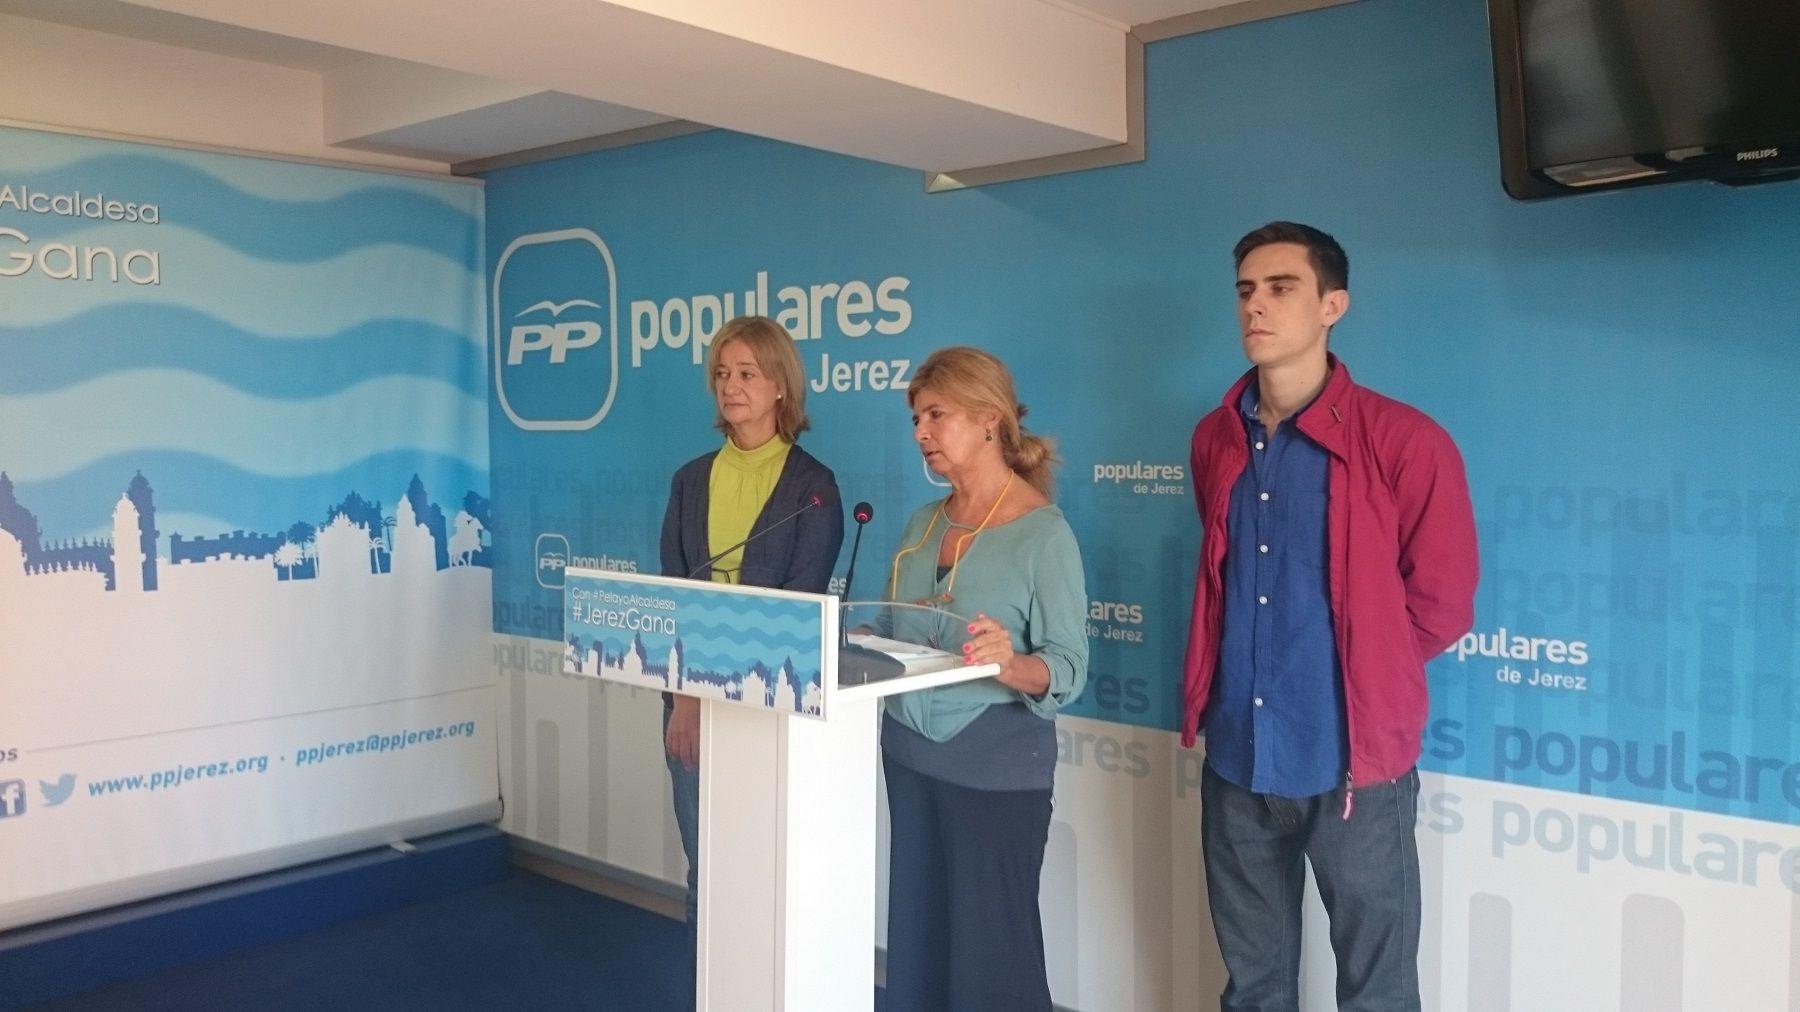 Isabel Paredes en el atril junto a Carmen Pina y Jaime Espinar.